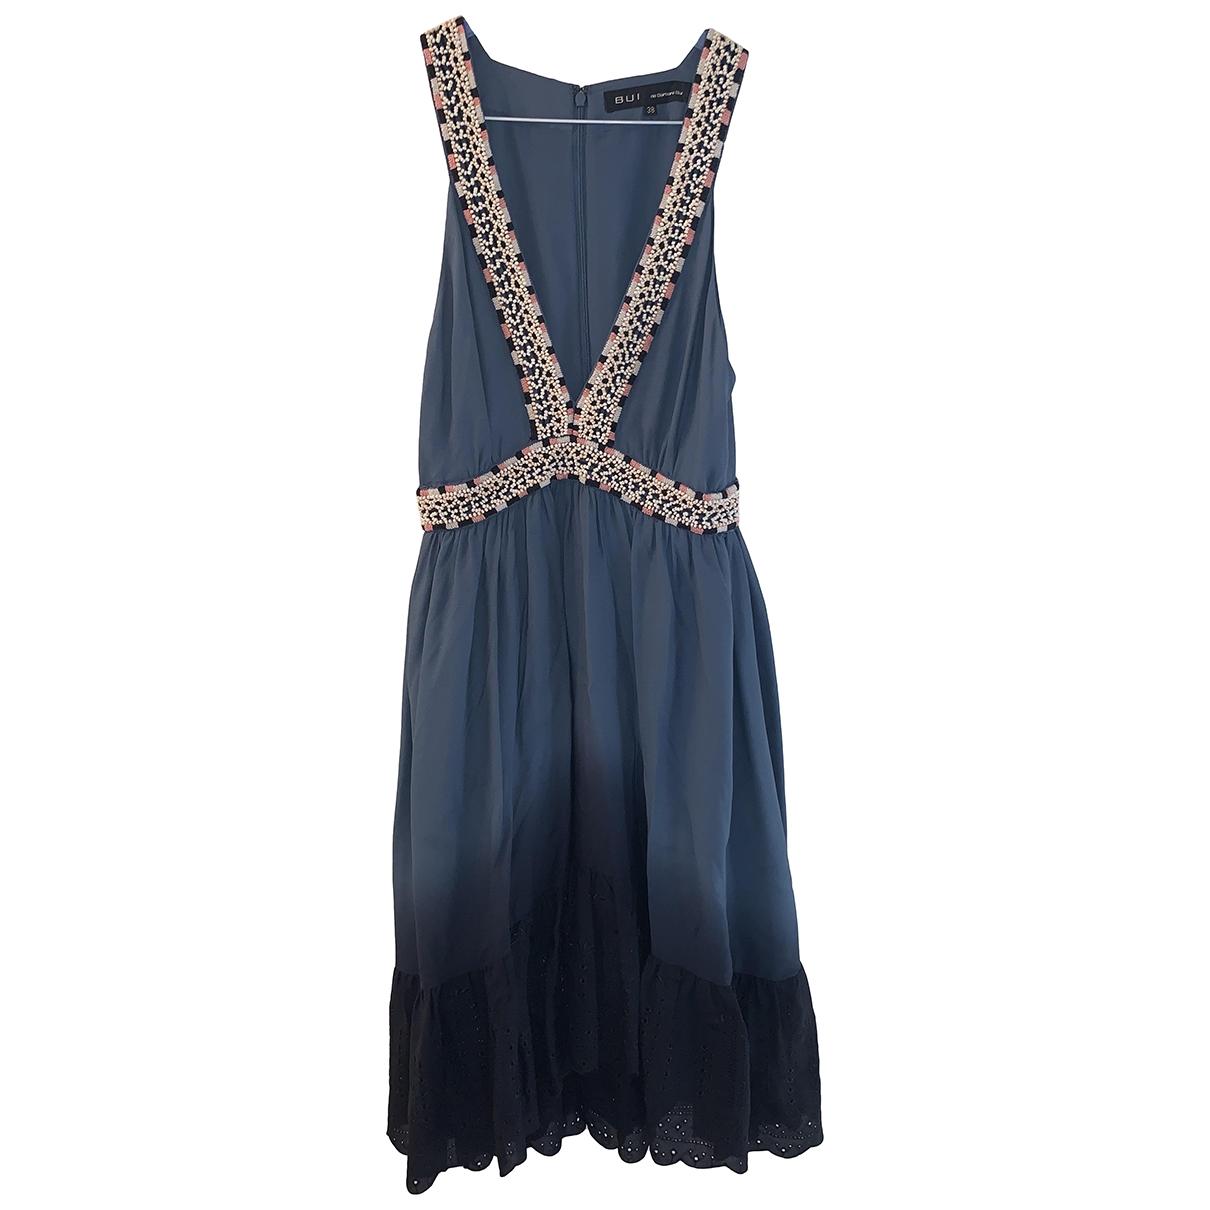 Barbara Bui \N Kleid in  Blau Seide